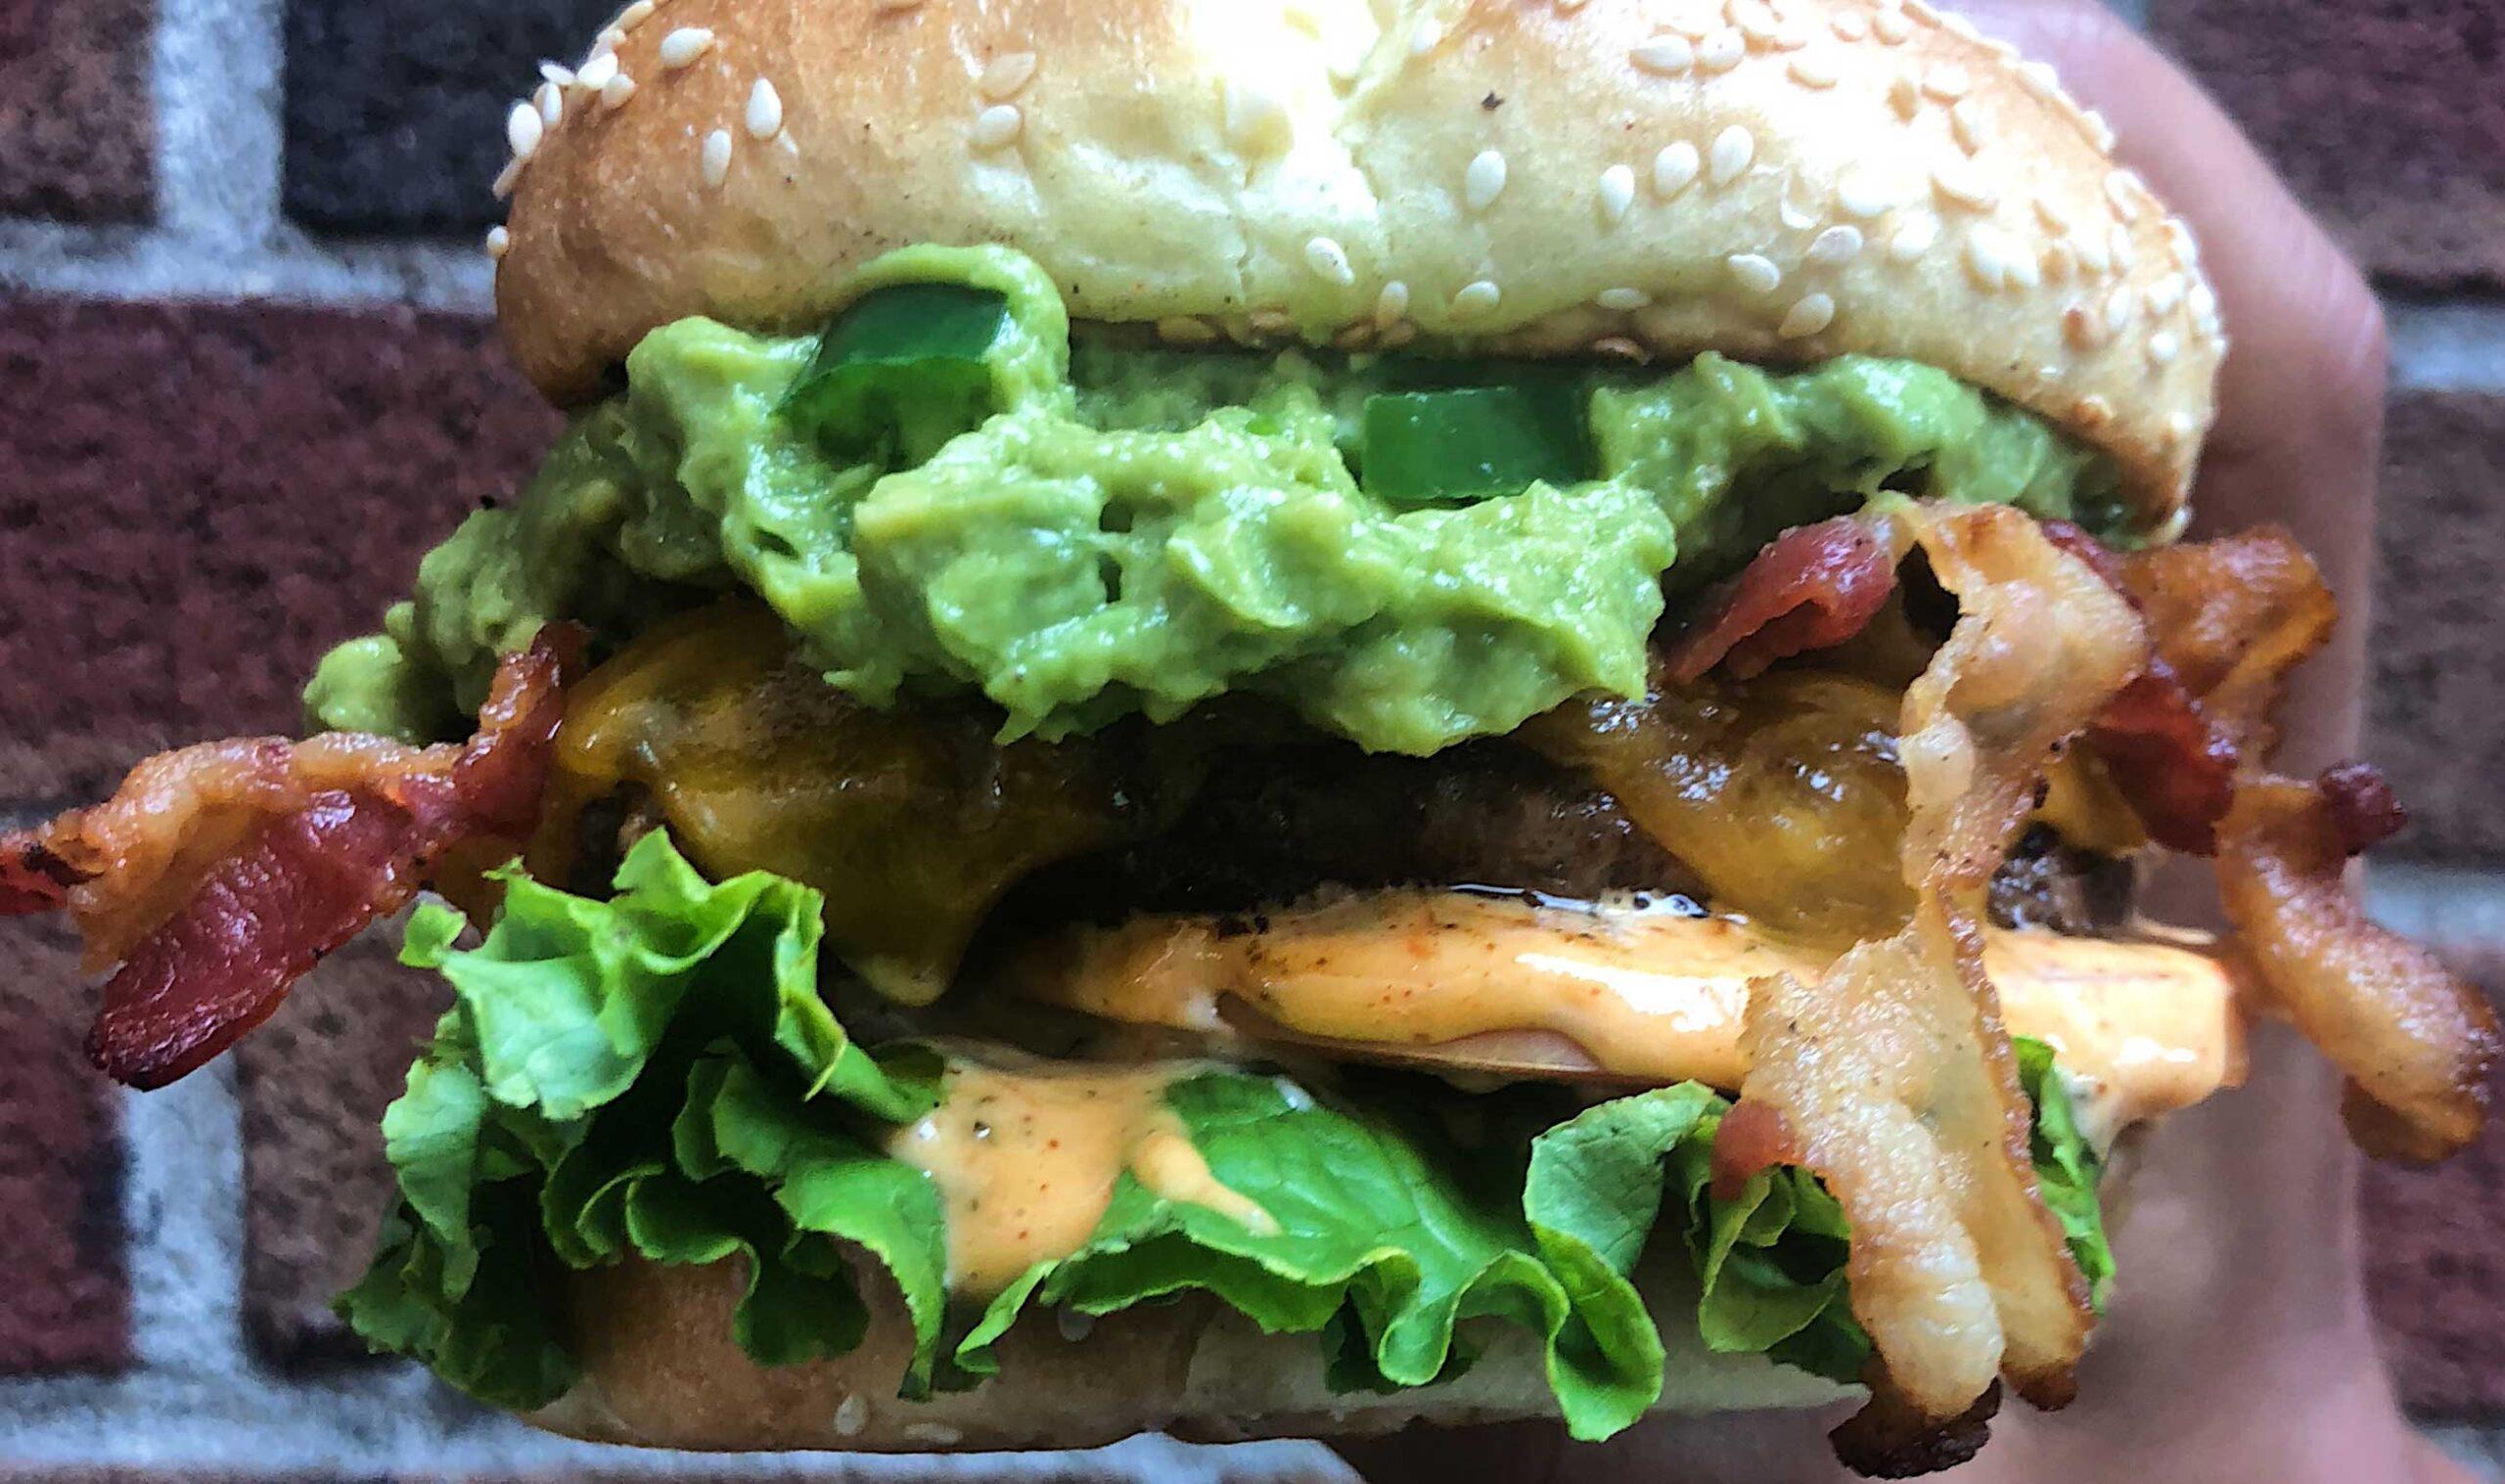 Mexi-Cali burger